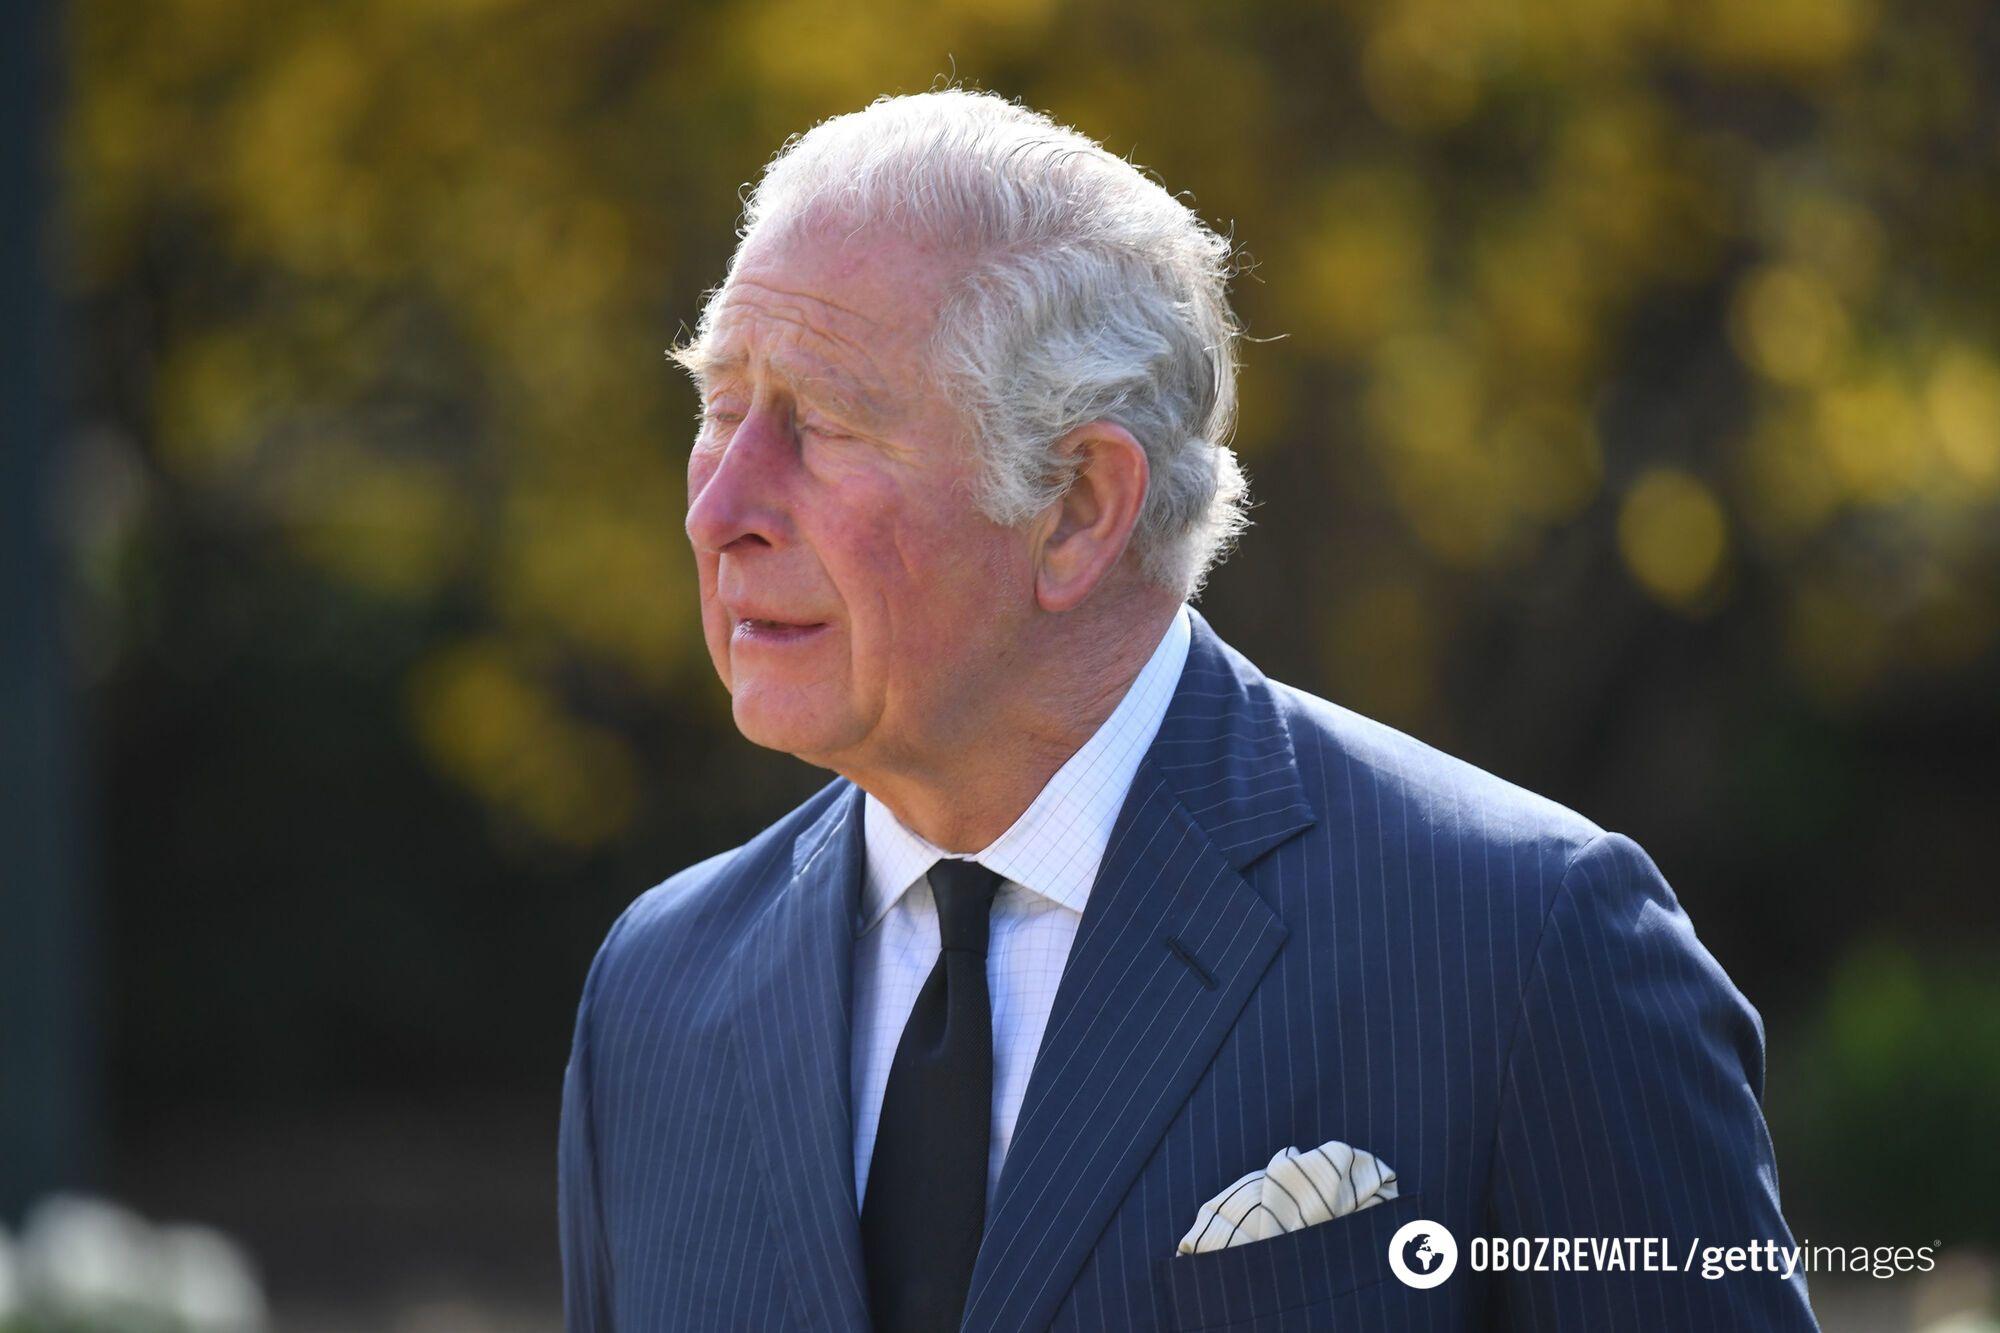 Принц Чарльз был тронут увиденным.